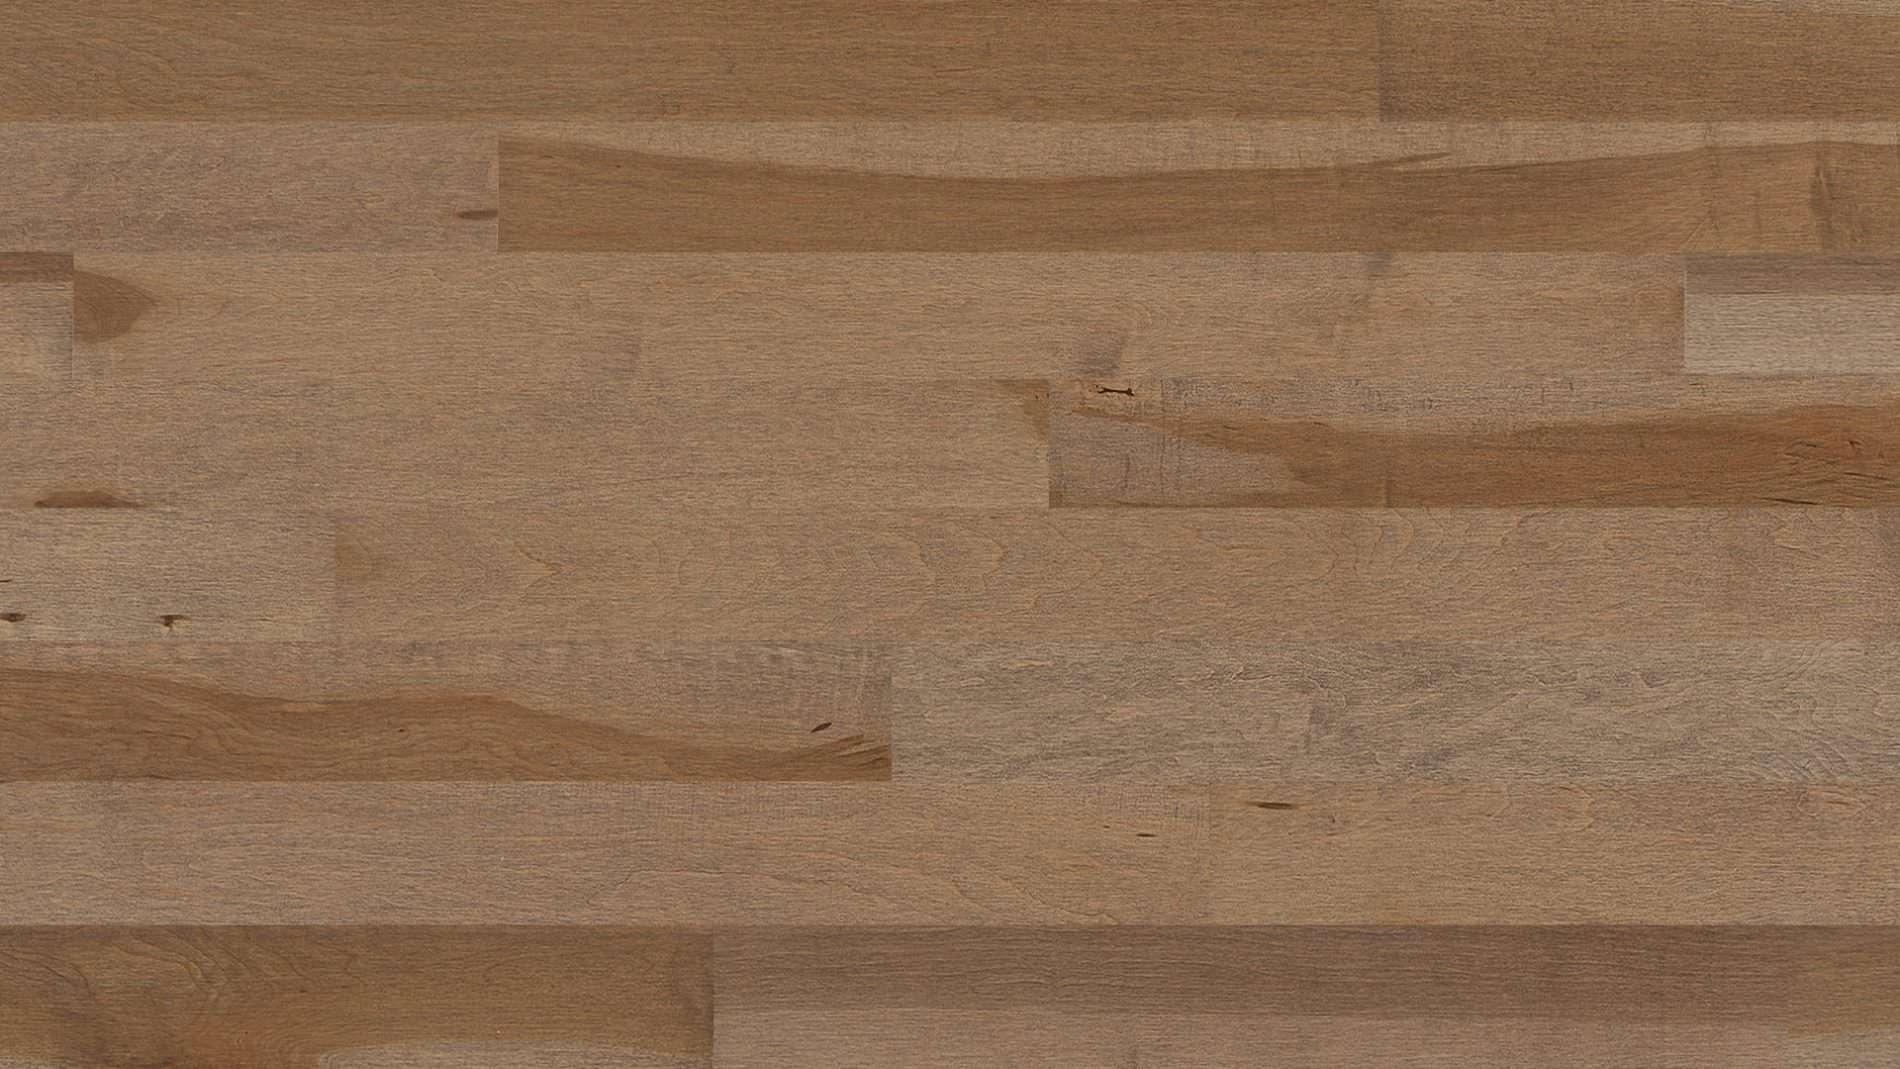 Hardwood floor | Hard maple antique bronze